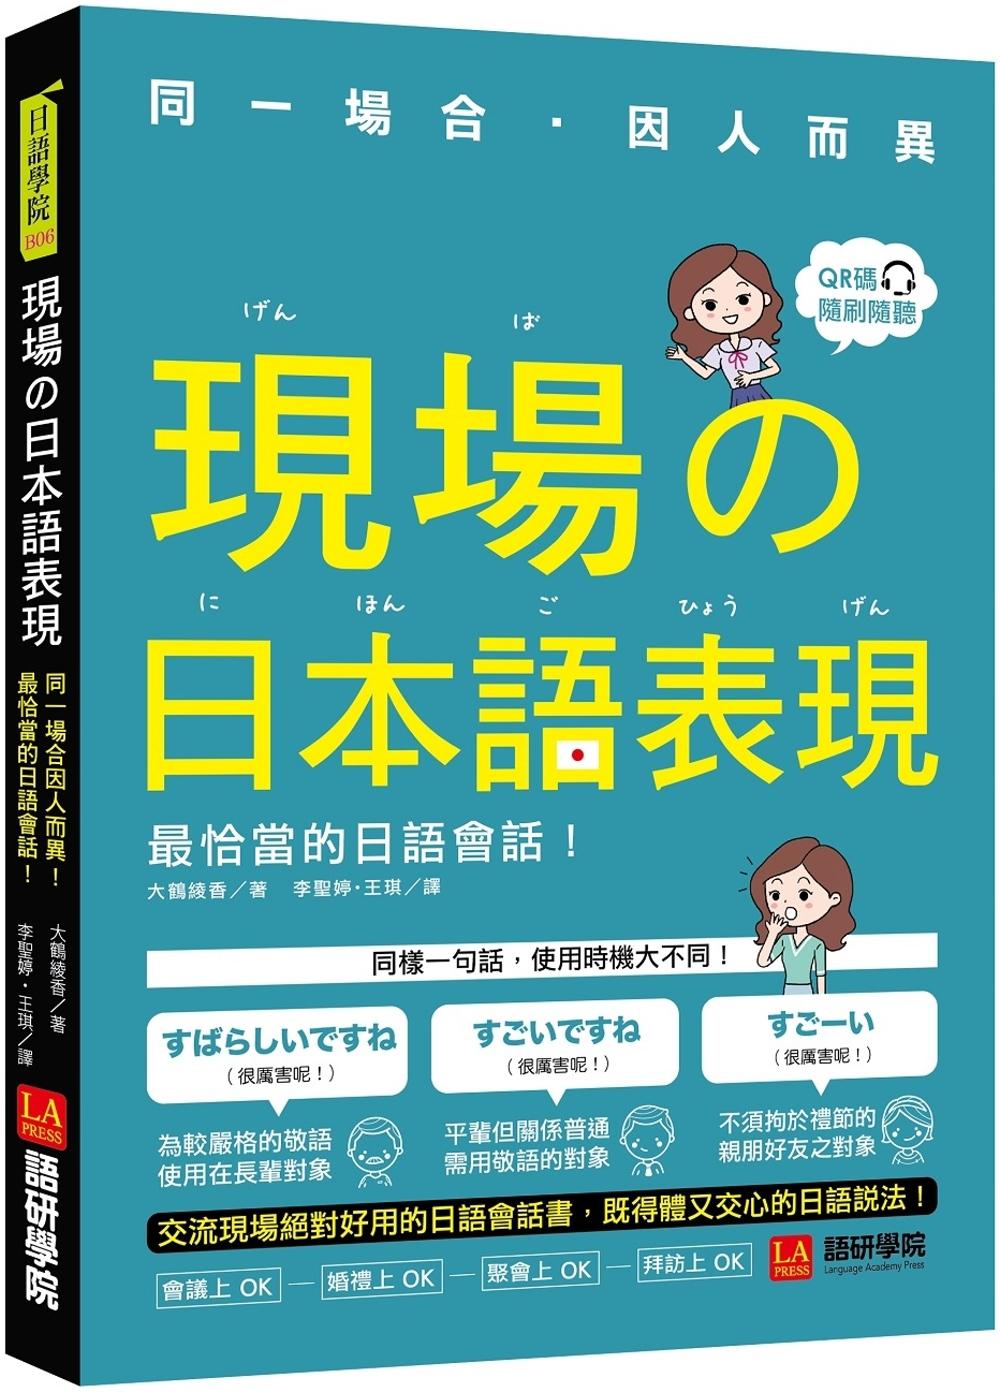 現場的日本語表現...